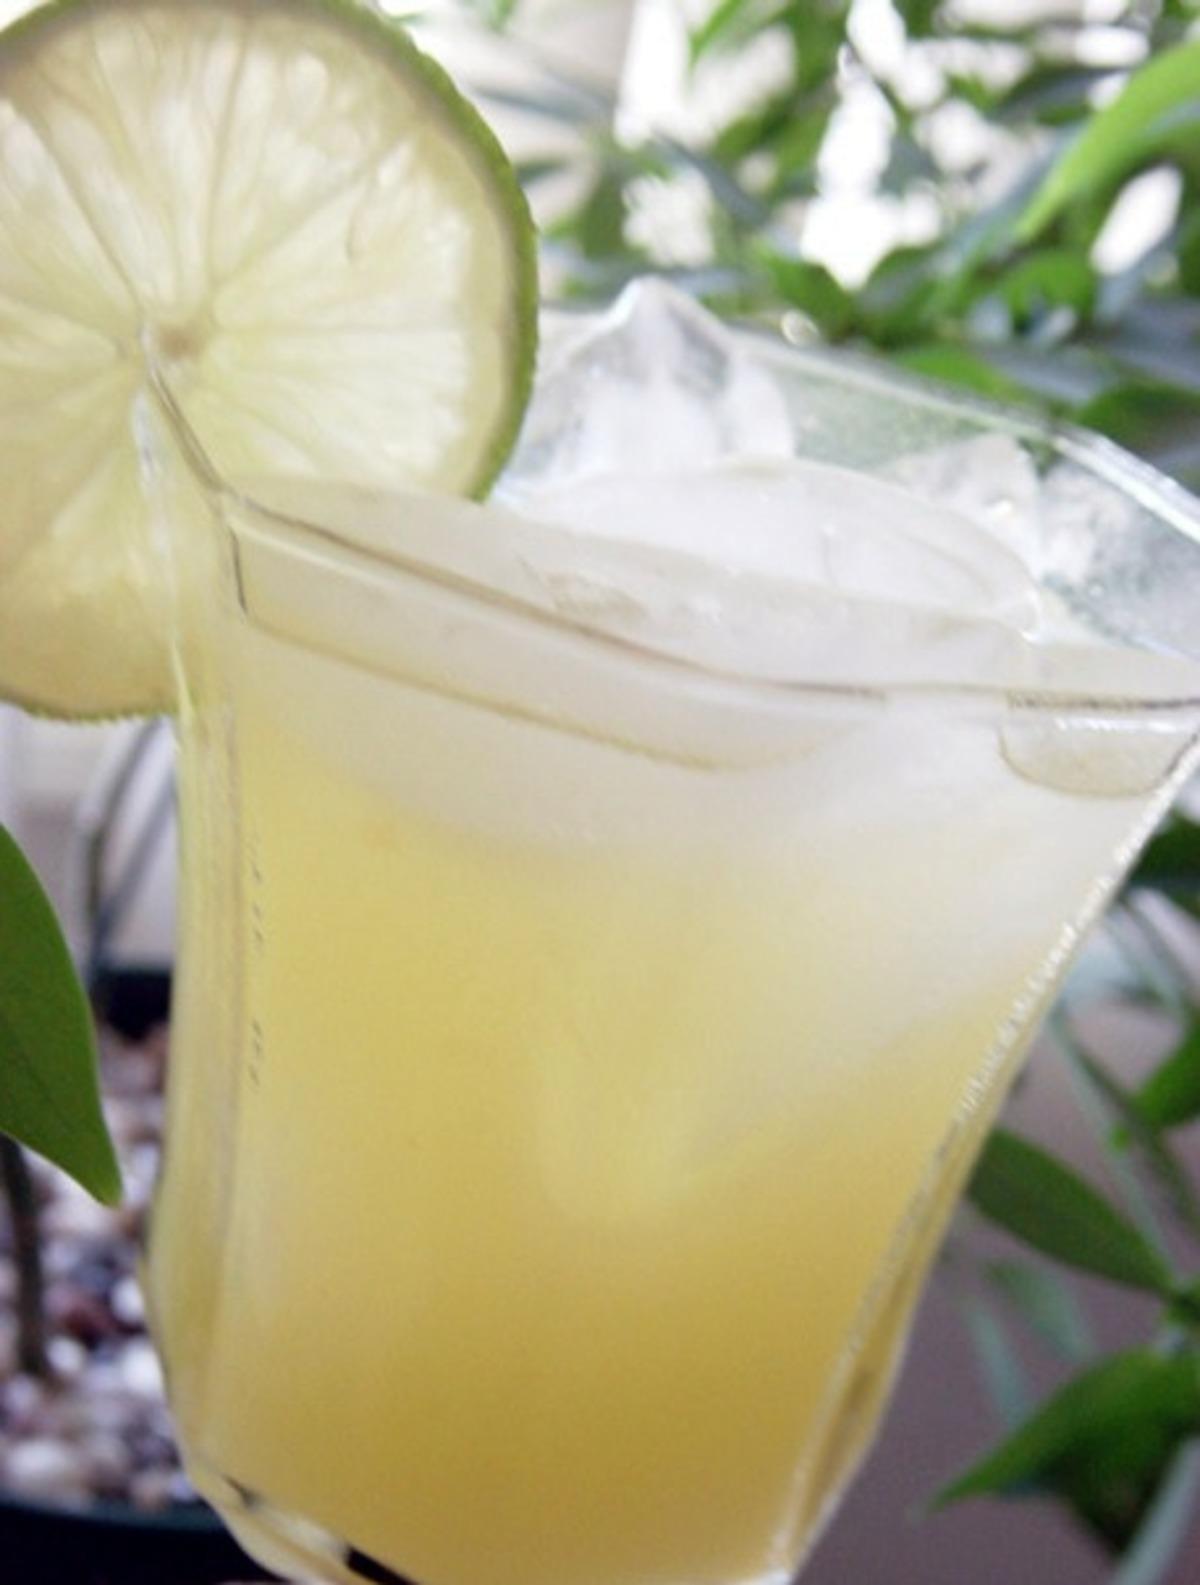 Key West Citrus Coolers image